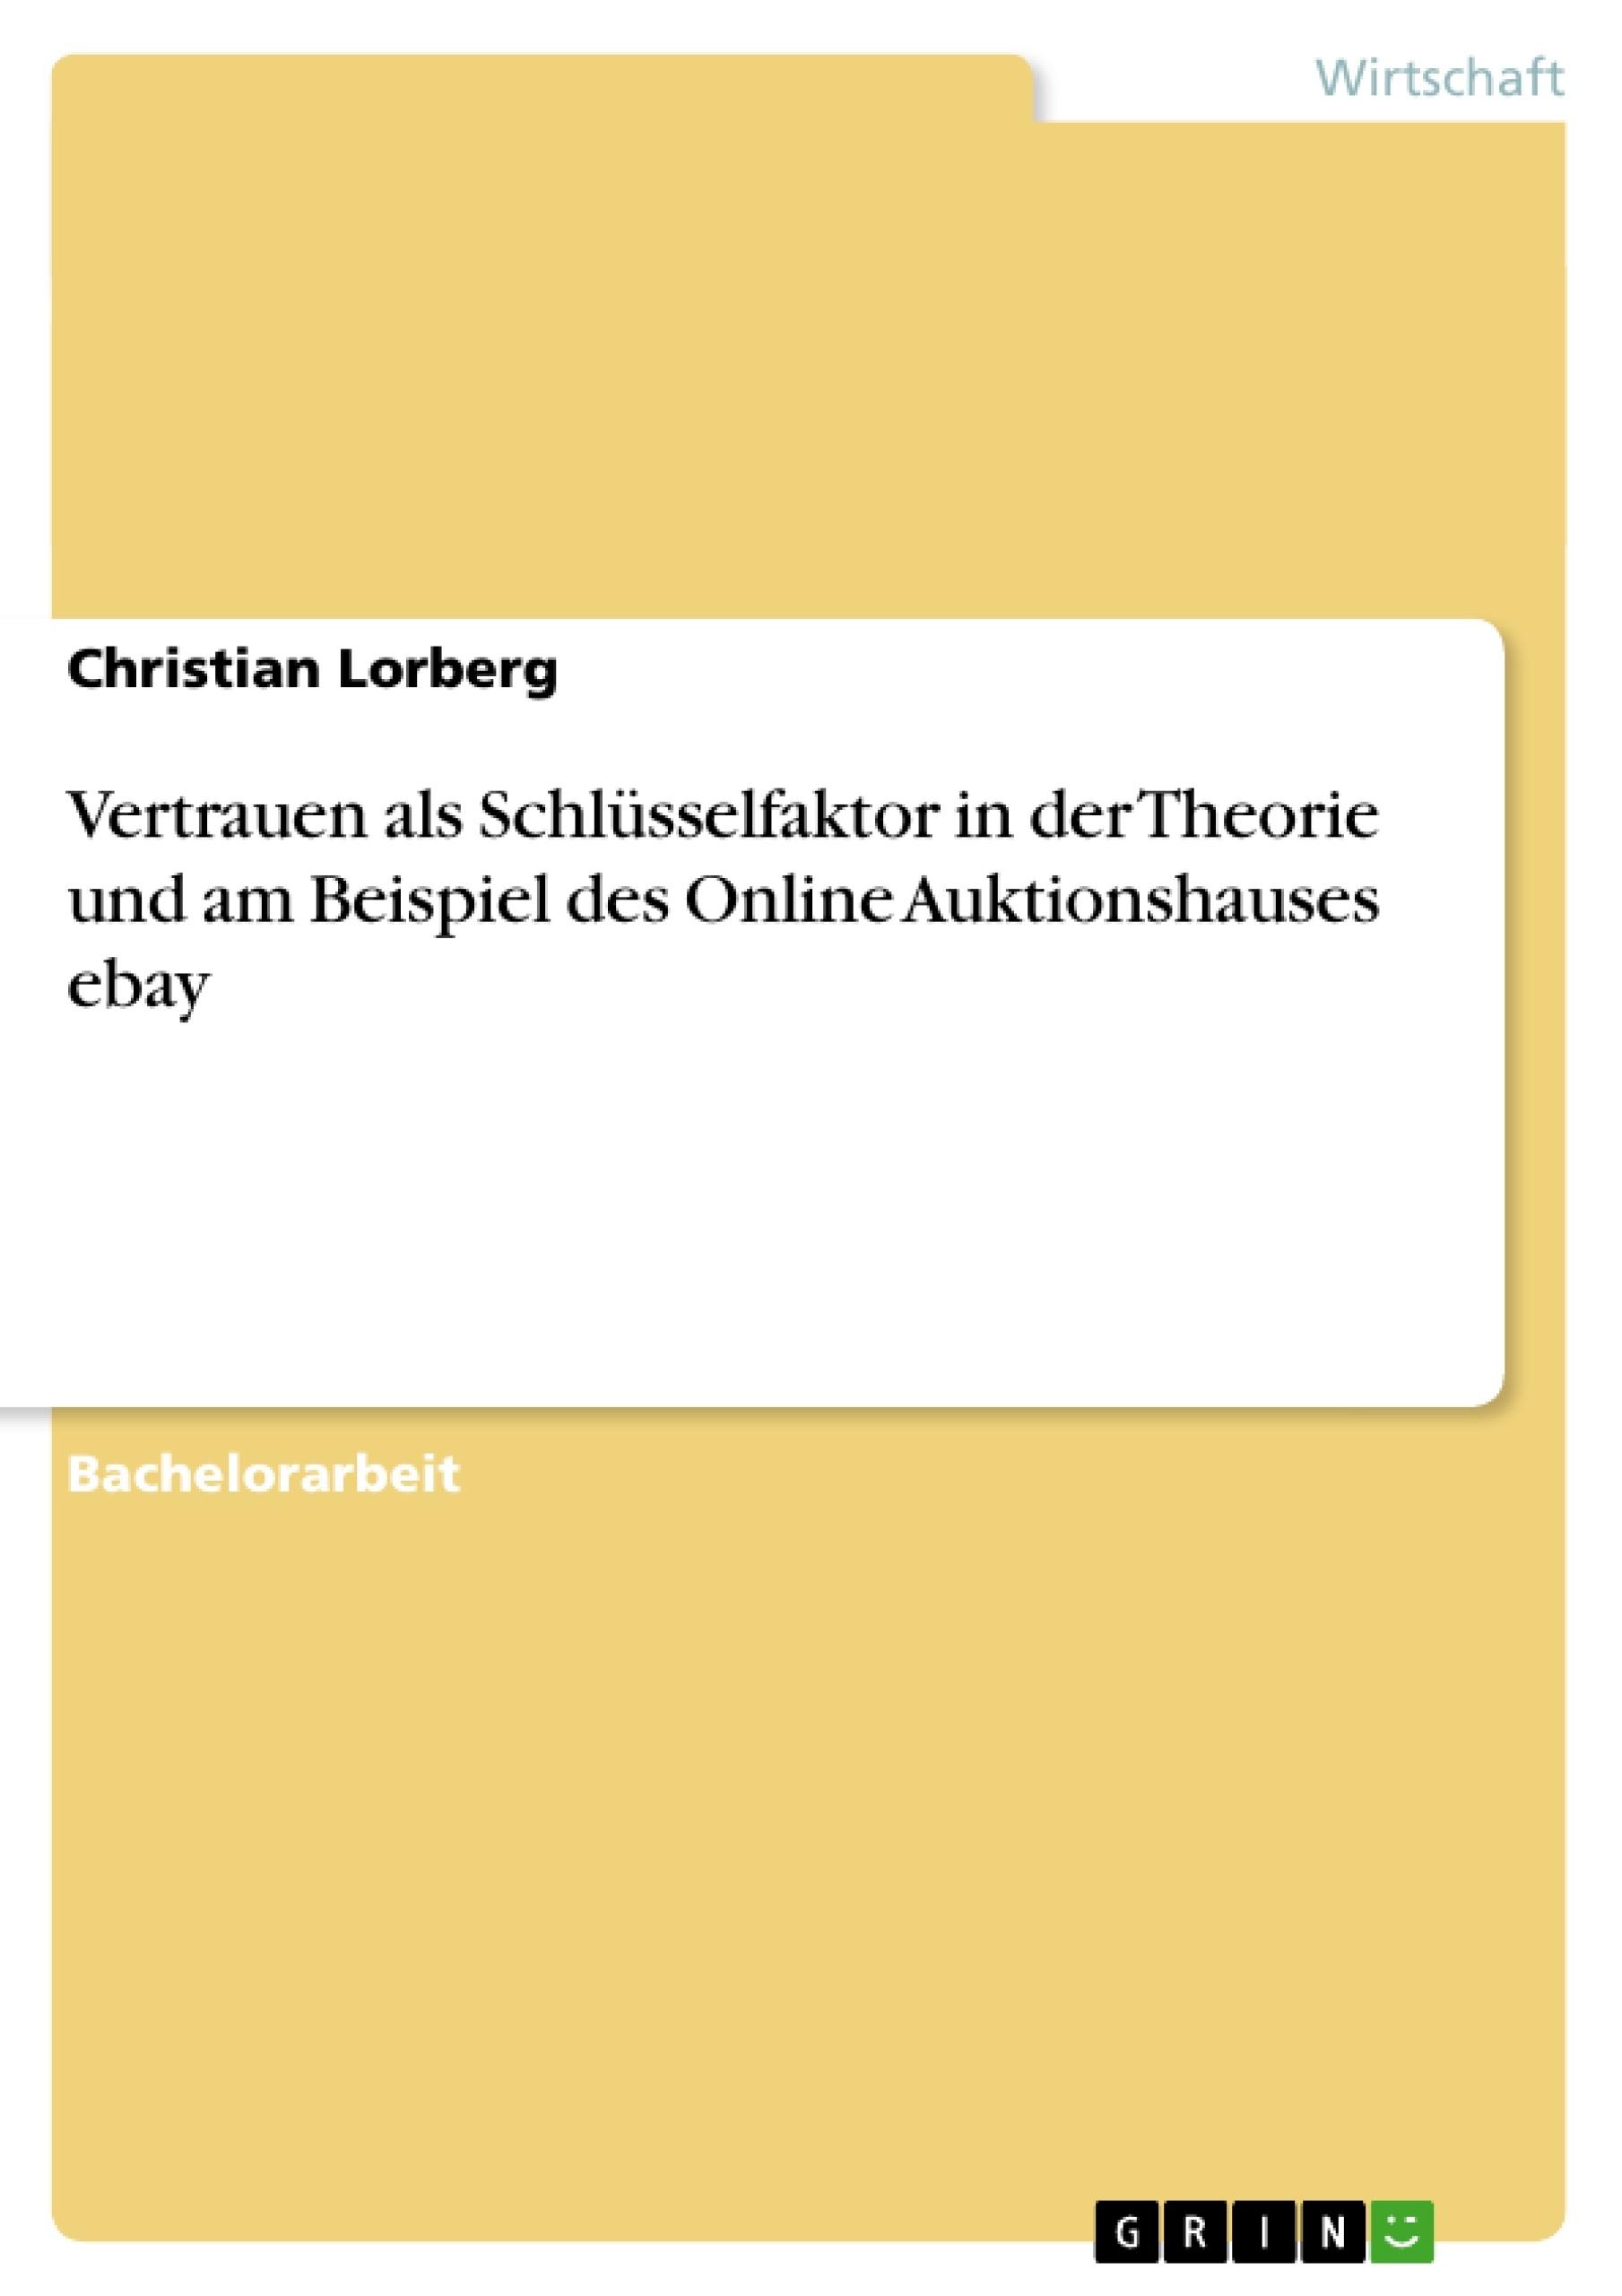 Titel: Vertrauen als Schlüsselfaktor in der Theorie und am Beispiel des Online Auktionshauses ebay